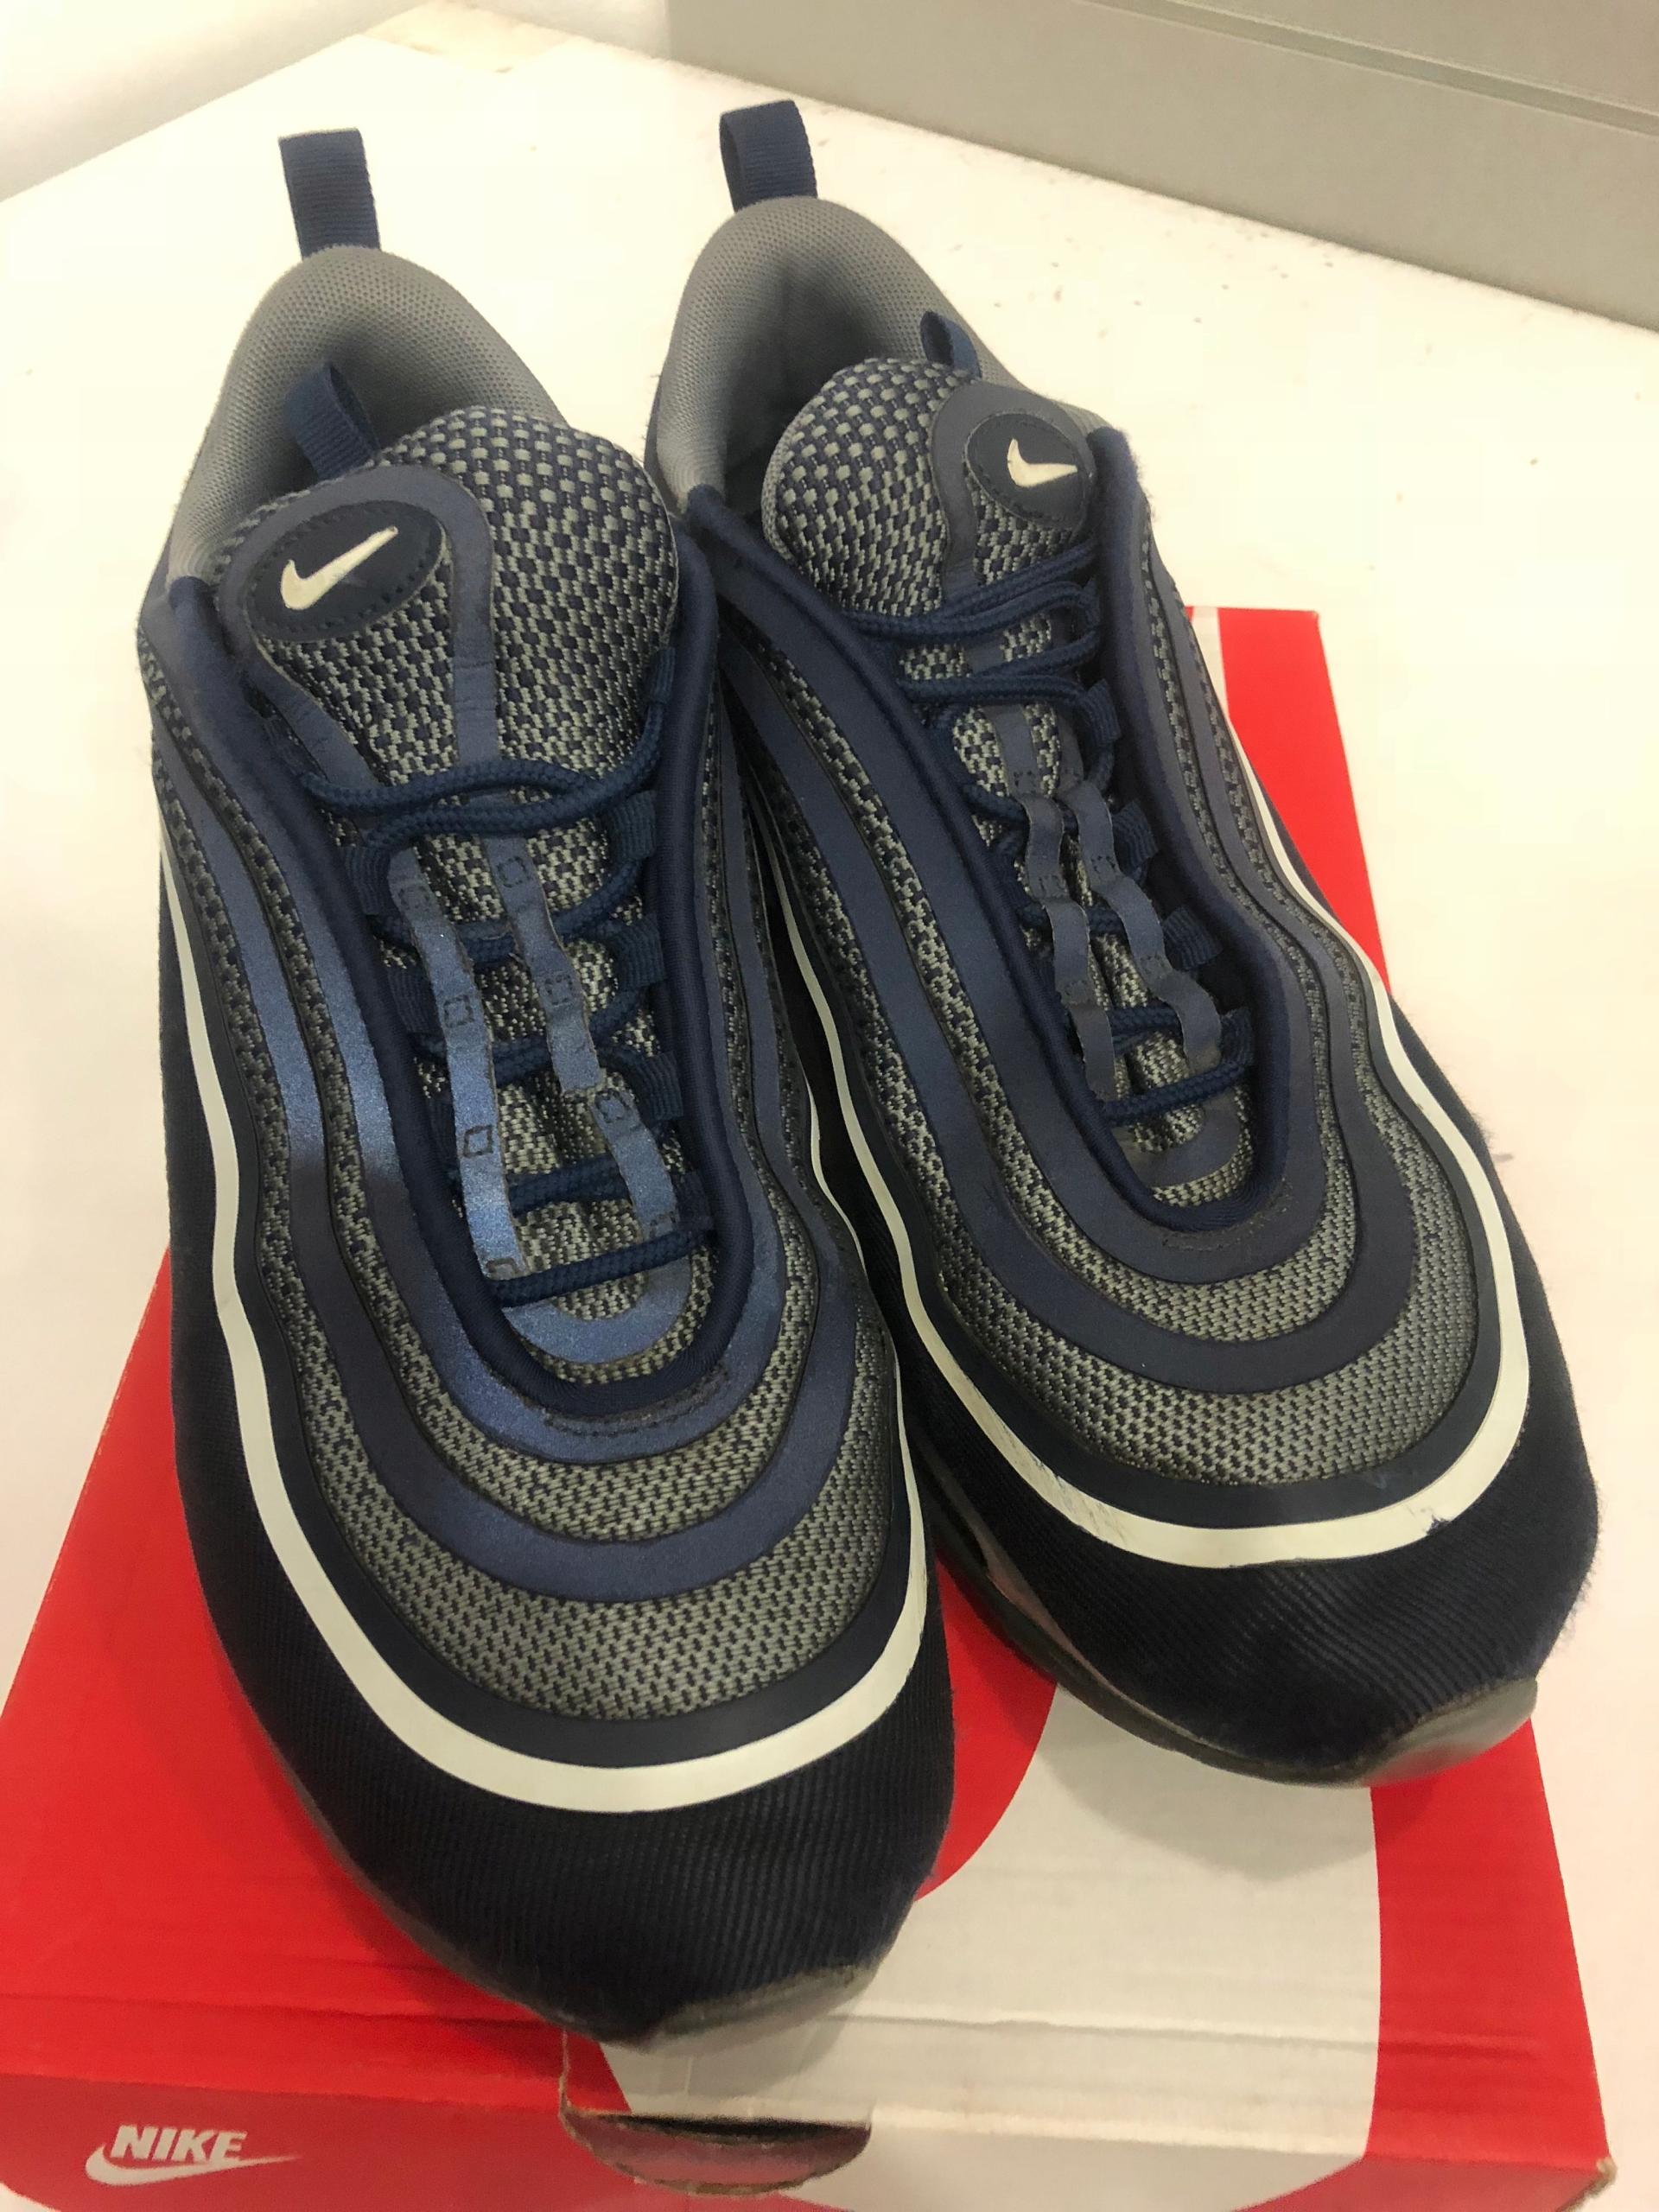 Buty Nike Air Max UL'17 R. 45 UŻYWANE